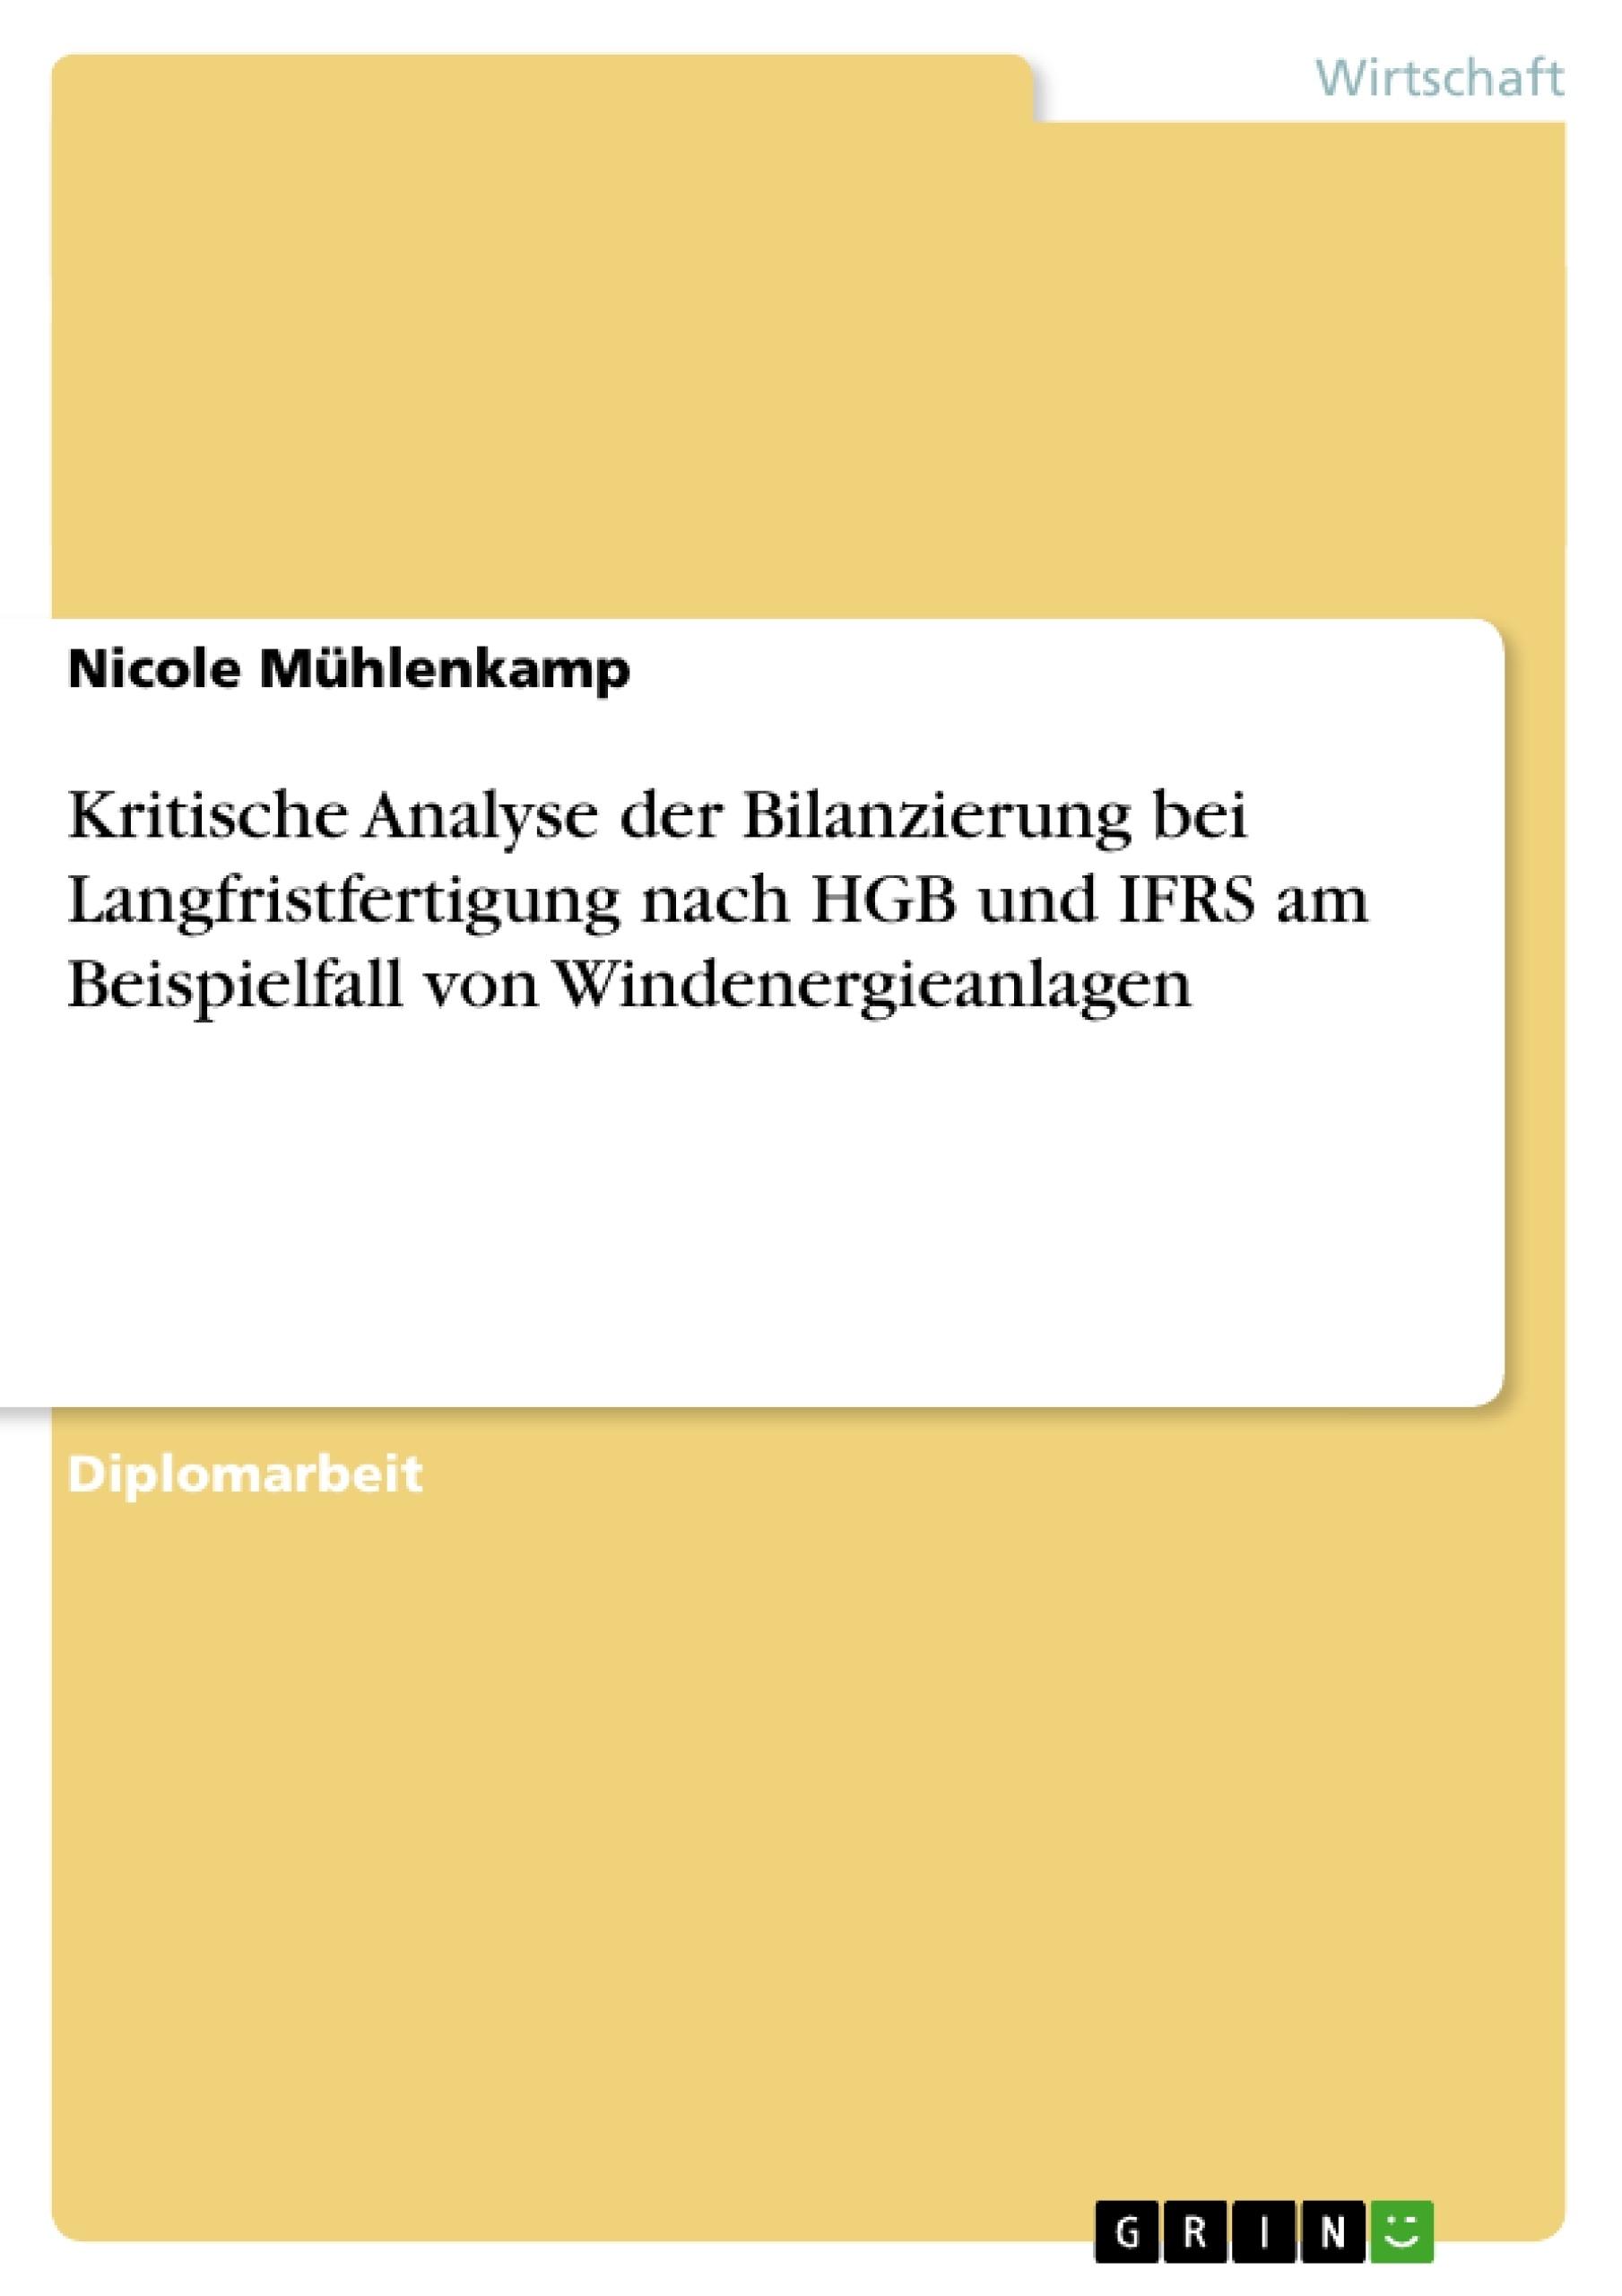 Titel: Kritische Analyse der Bilanzierung bei Langfristfertigung nach HGB und IFRS am Beispielfall von Windenergieanlagen